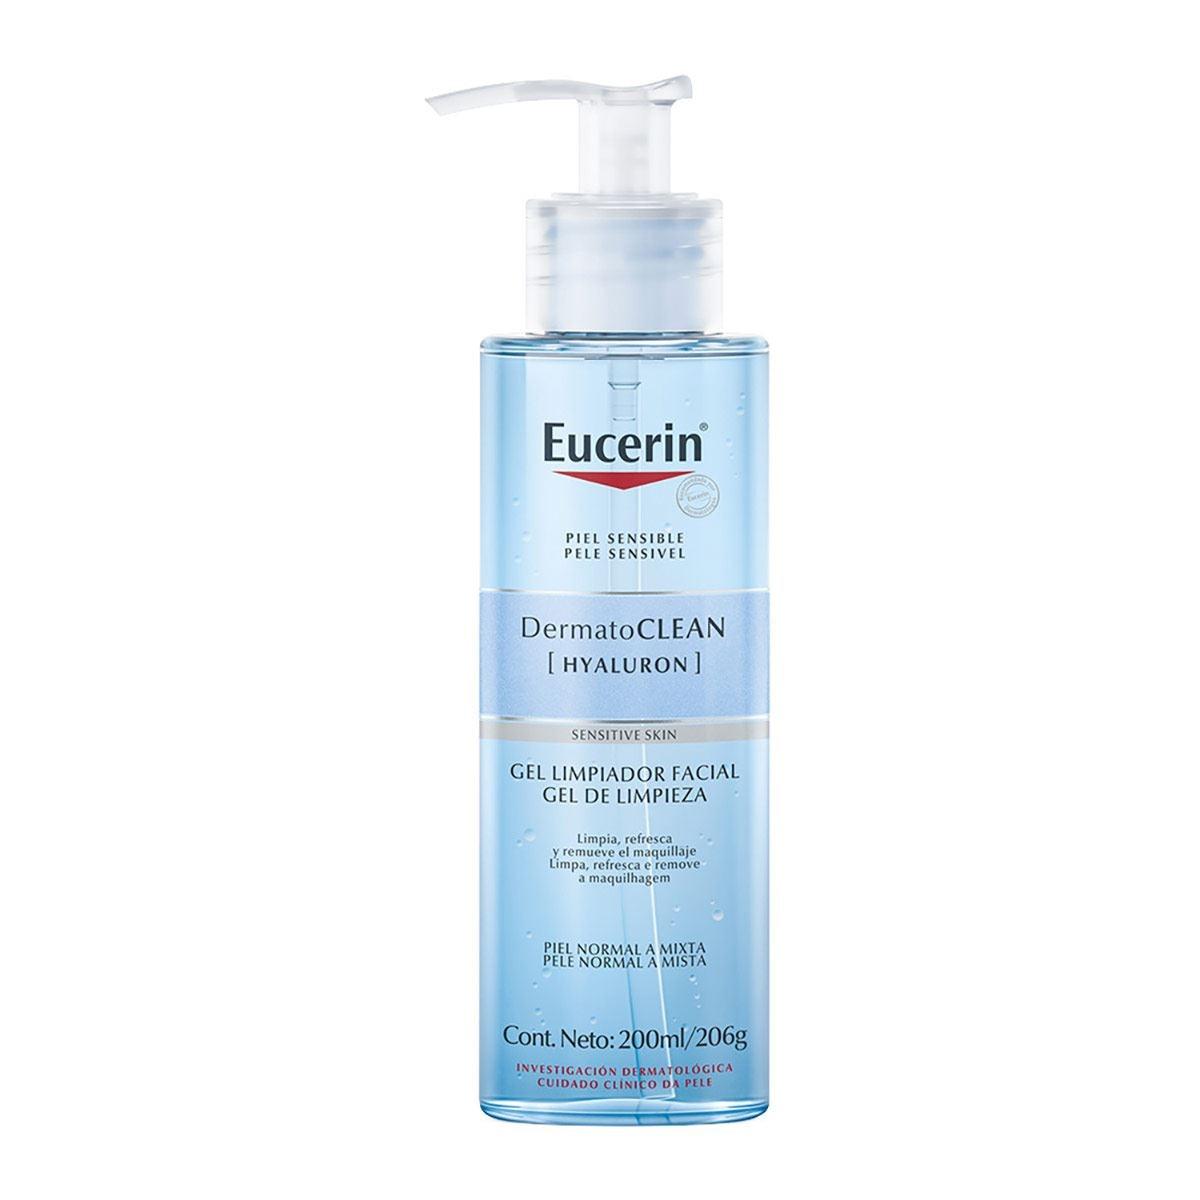 Eucerin Dermatoclean, Gel Facial Limpiador, 200ml